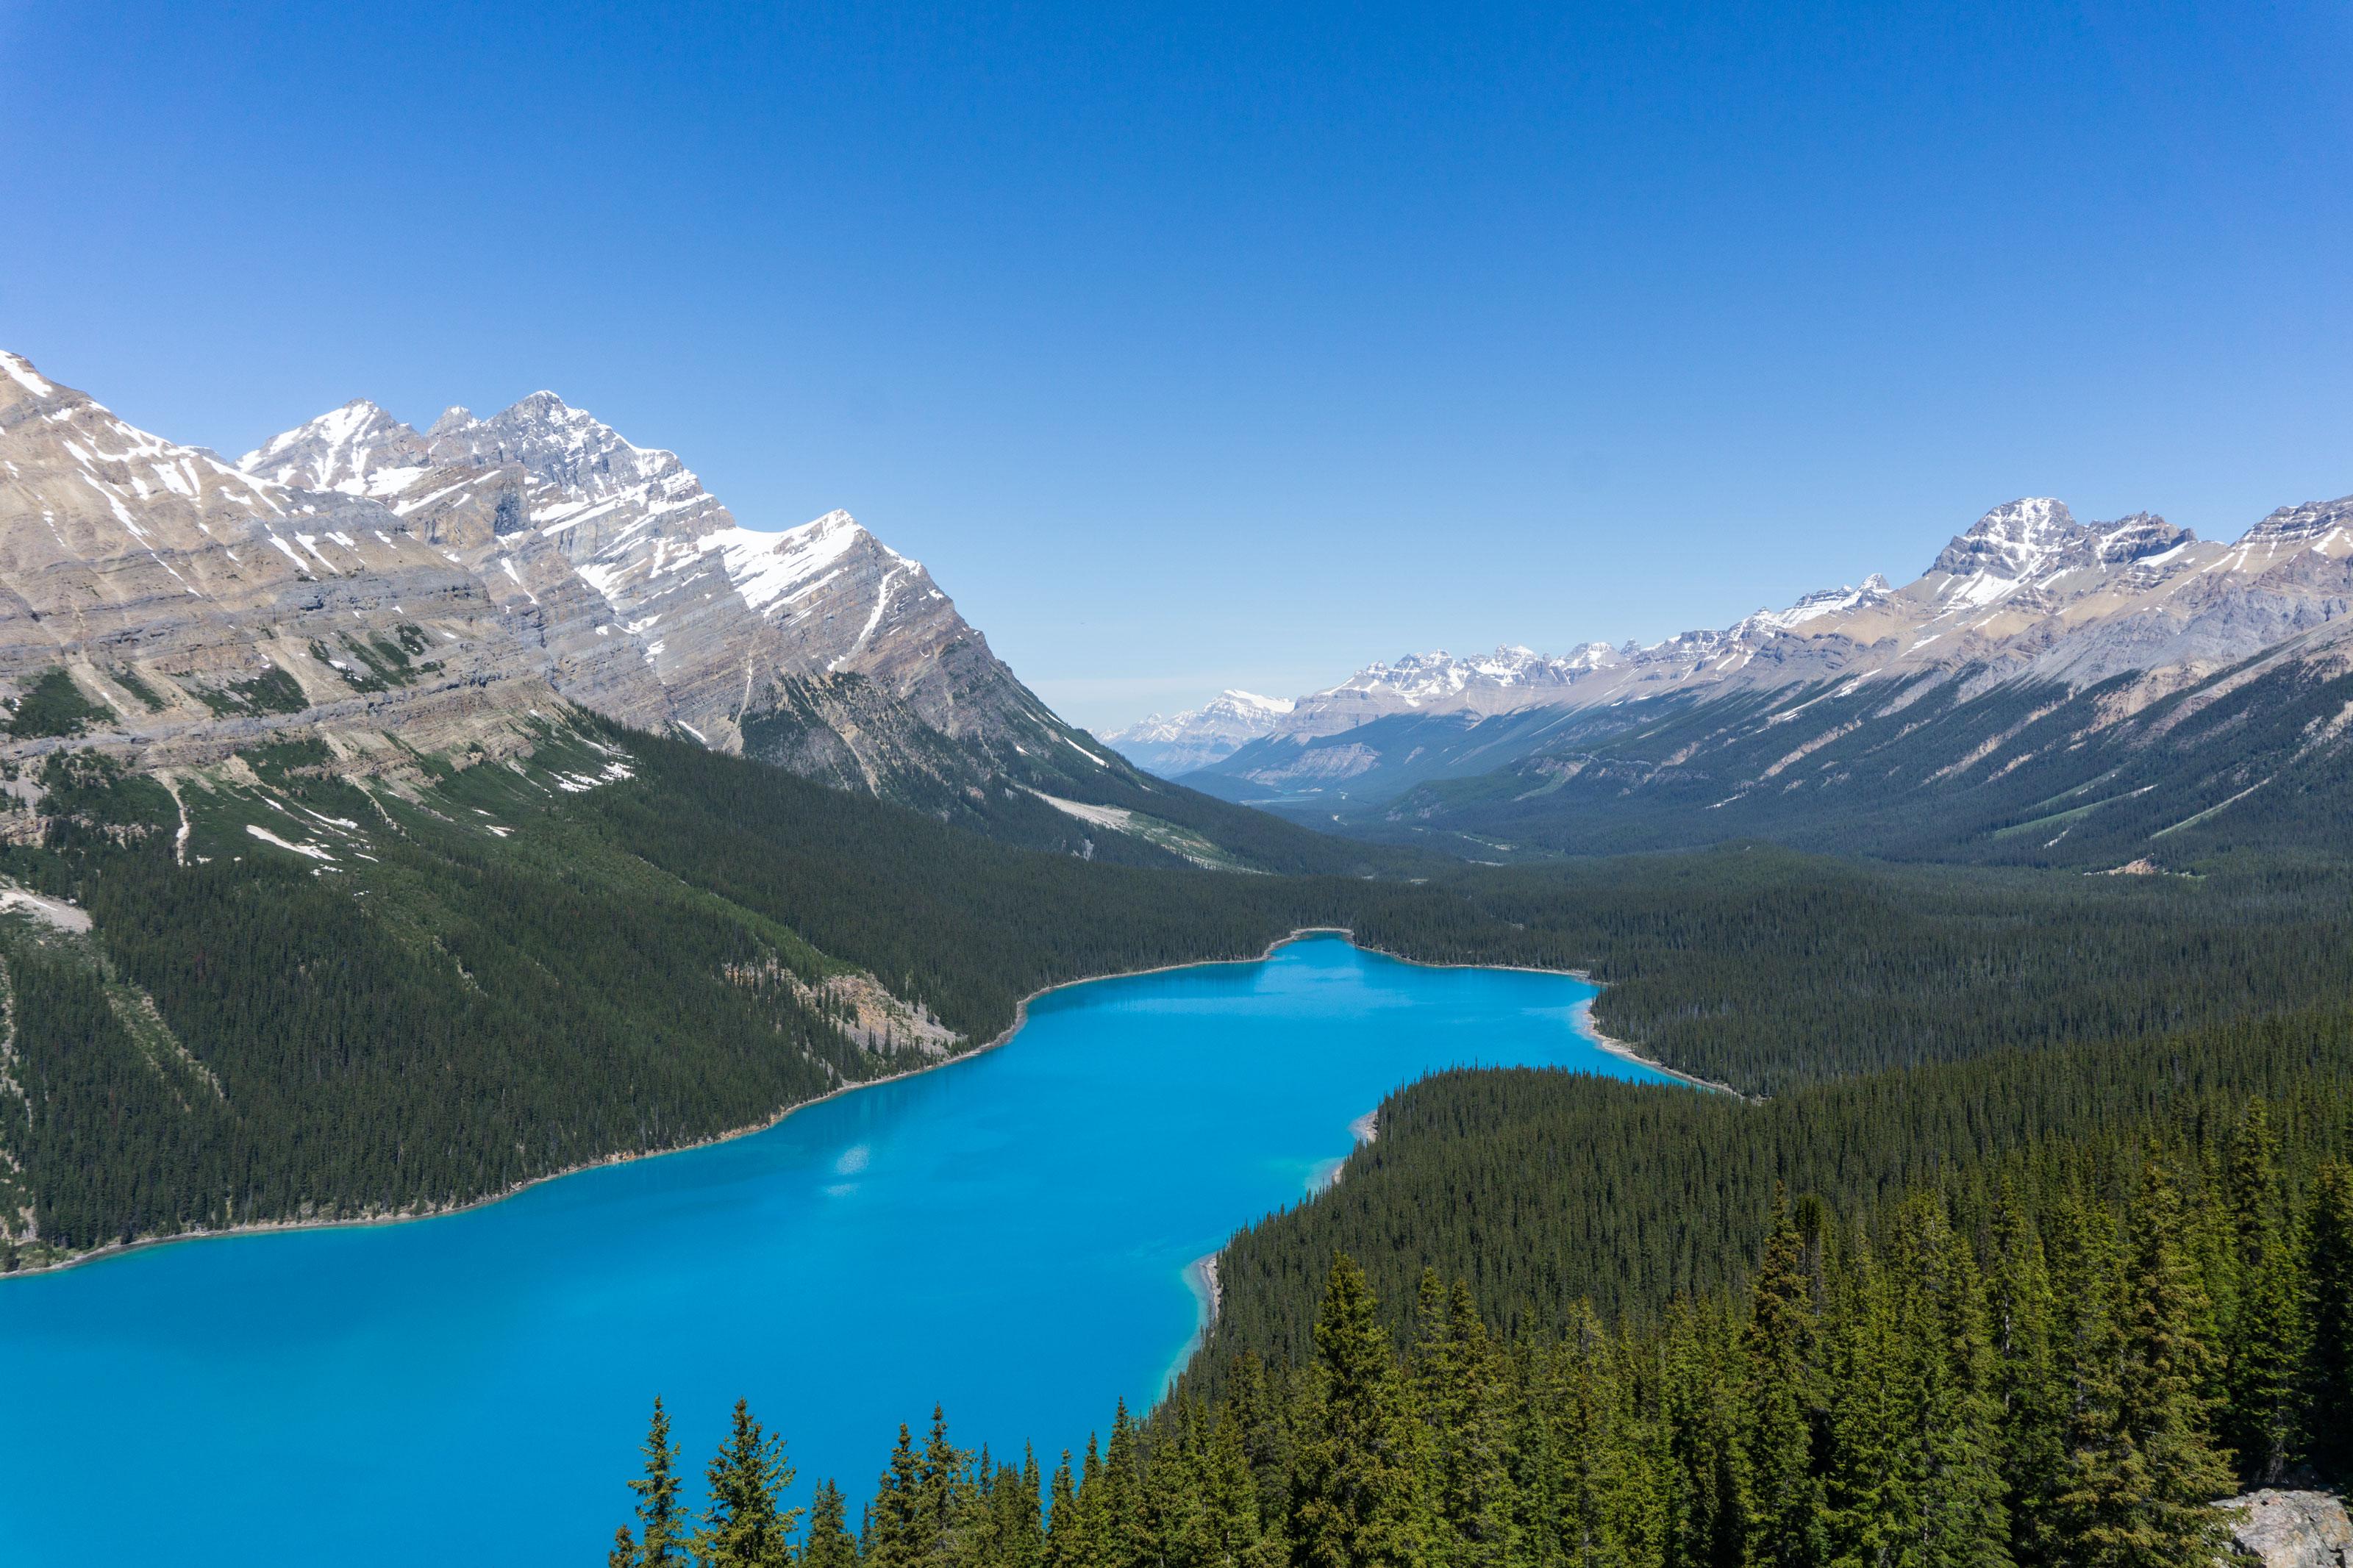 Vzhůru do Jasperu přes Peyto Lake, Parker Ridge a Athabasca Glacier